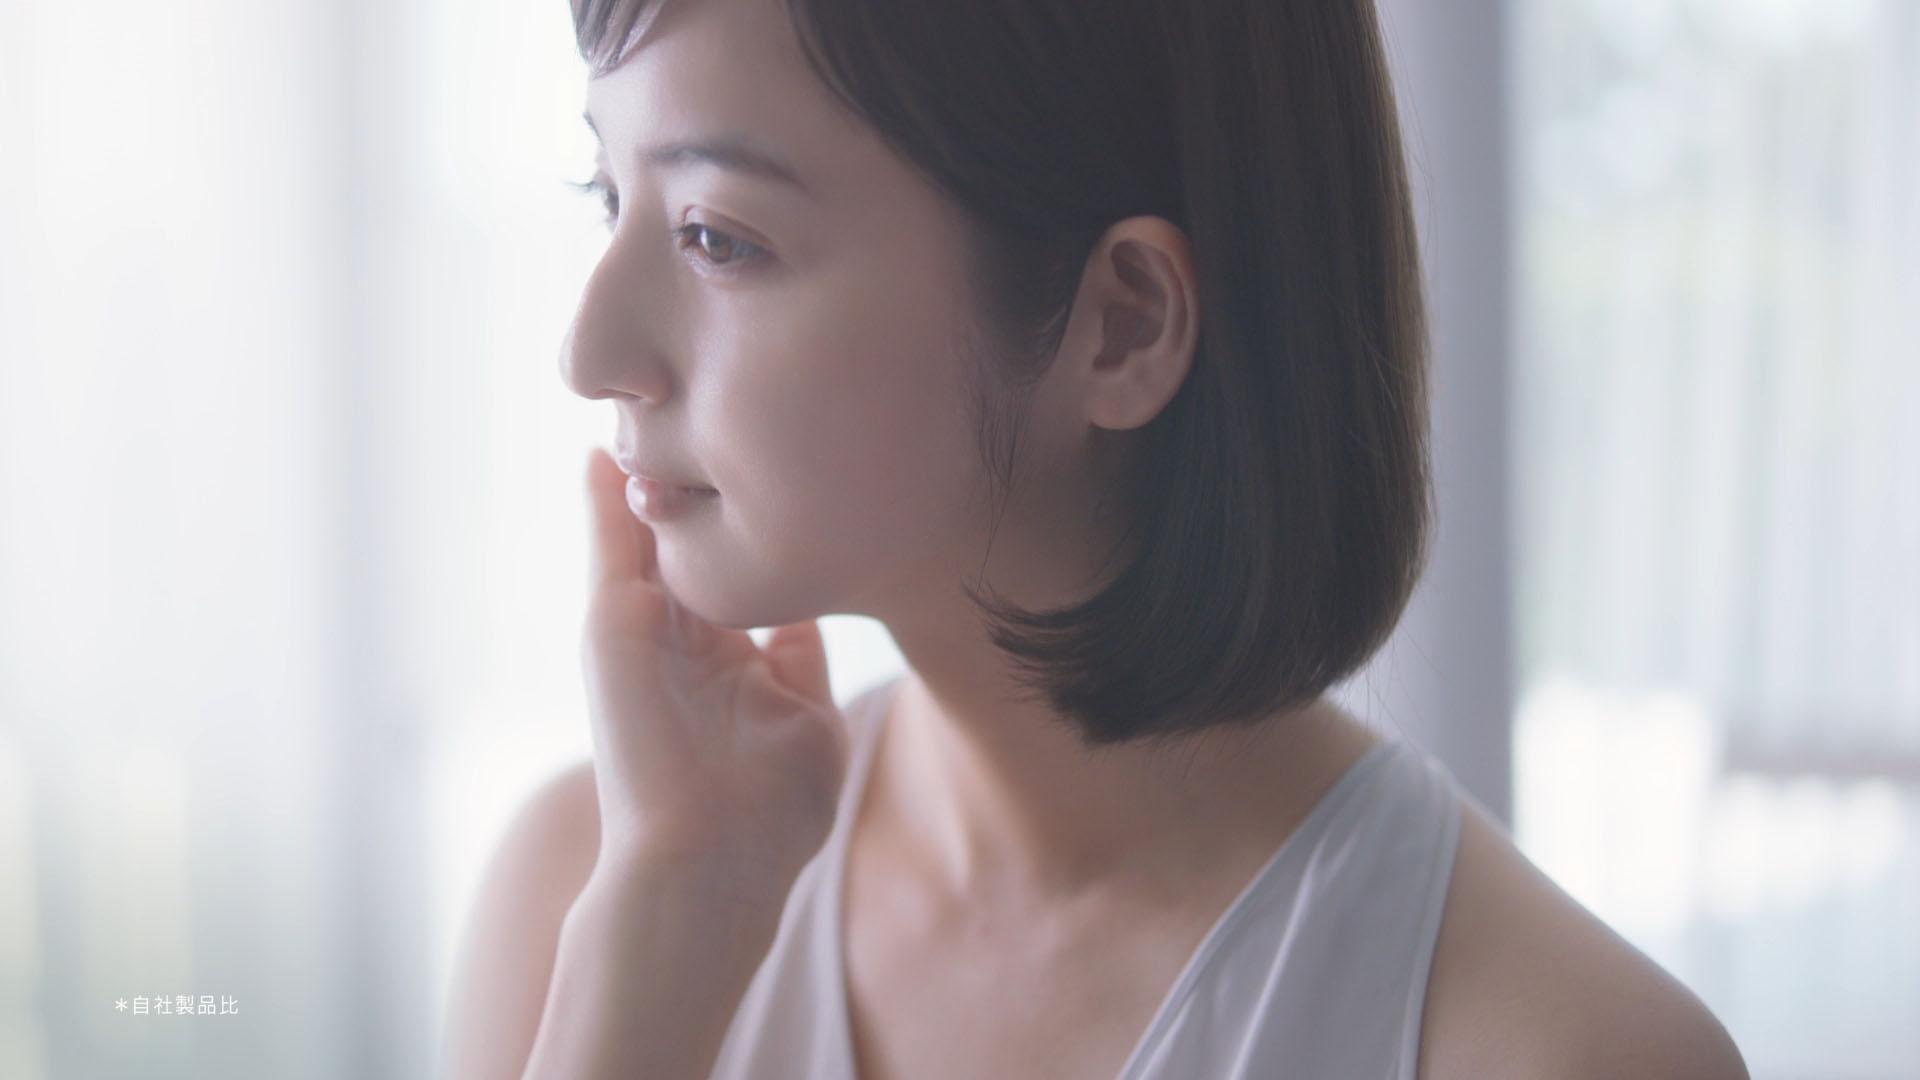 佐々木希/ファンケルのスキンケア「エンリッチ」TVCM